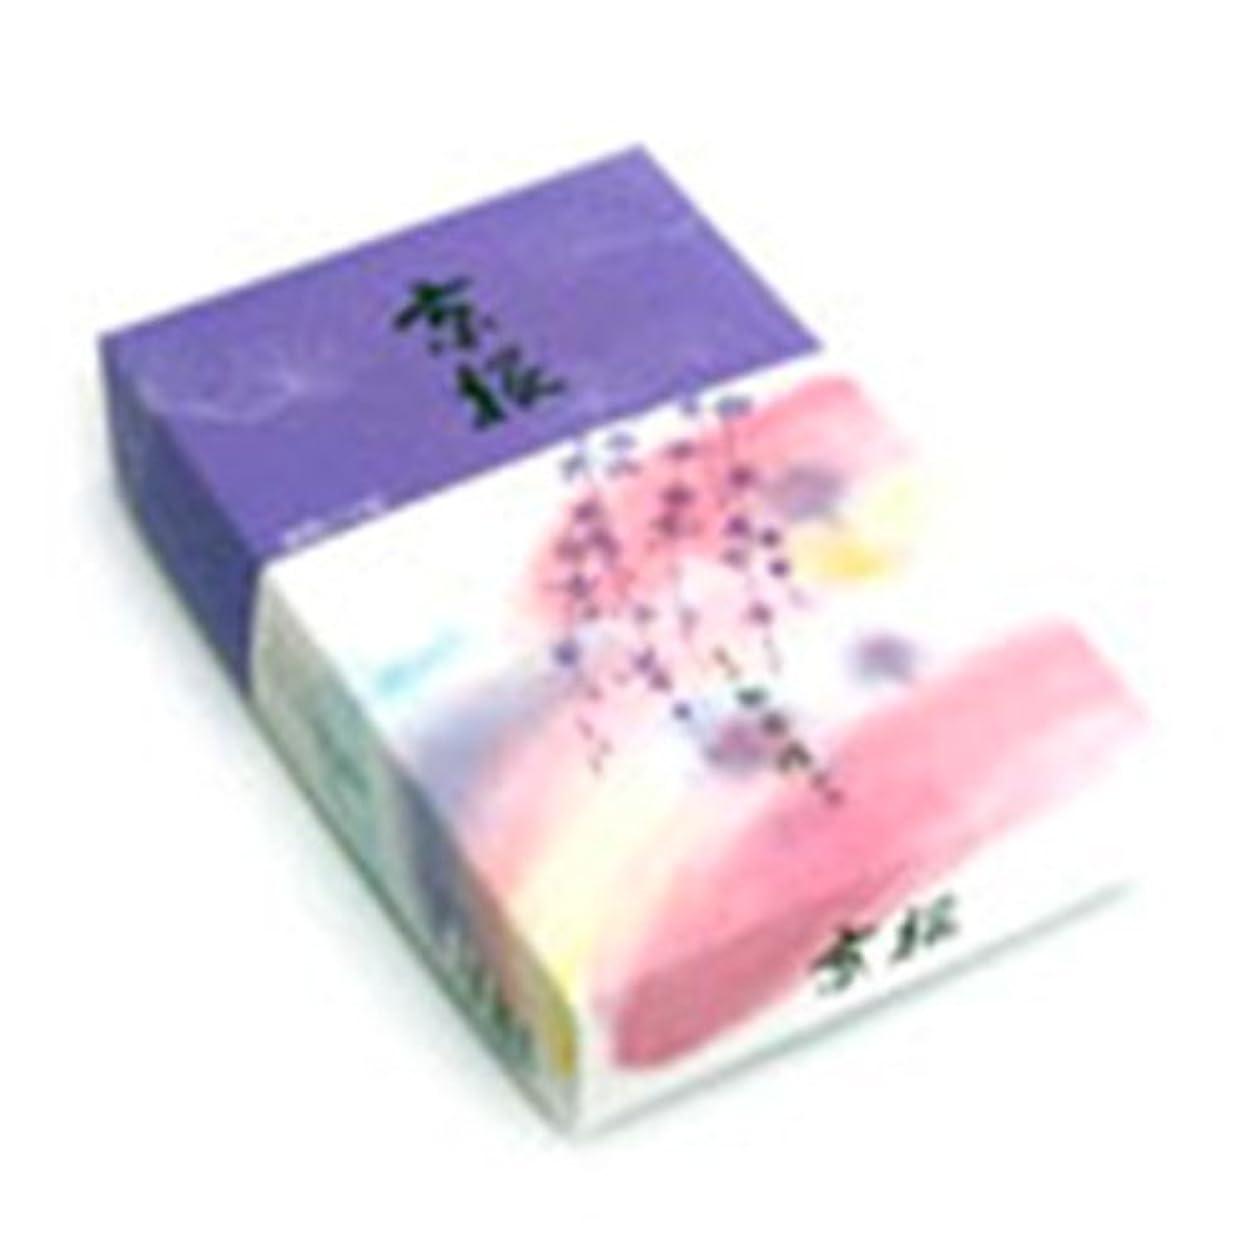 ホイストプレミア損傷Shoyeido's Kyoto Cherry Blossoms Incense, 450 Sticks - Kyo-zakura, New, Free Shi